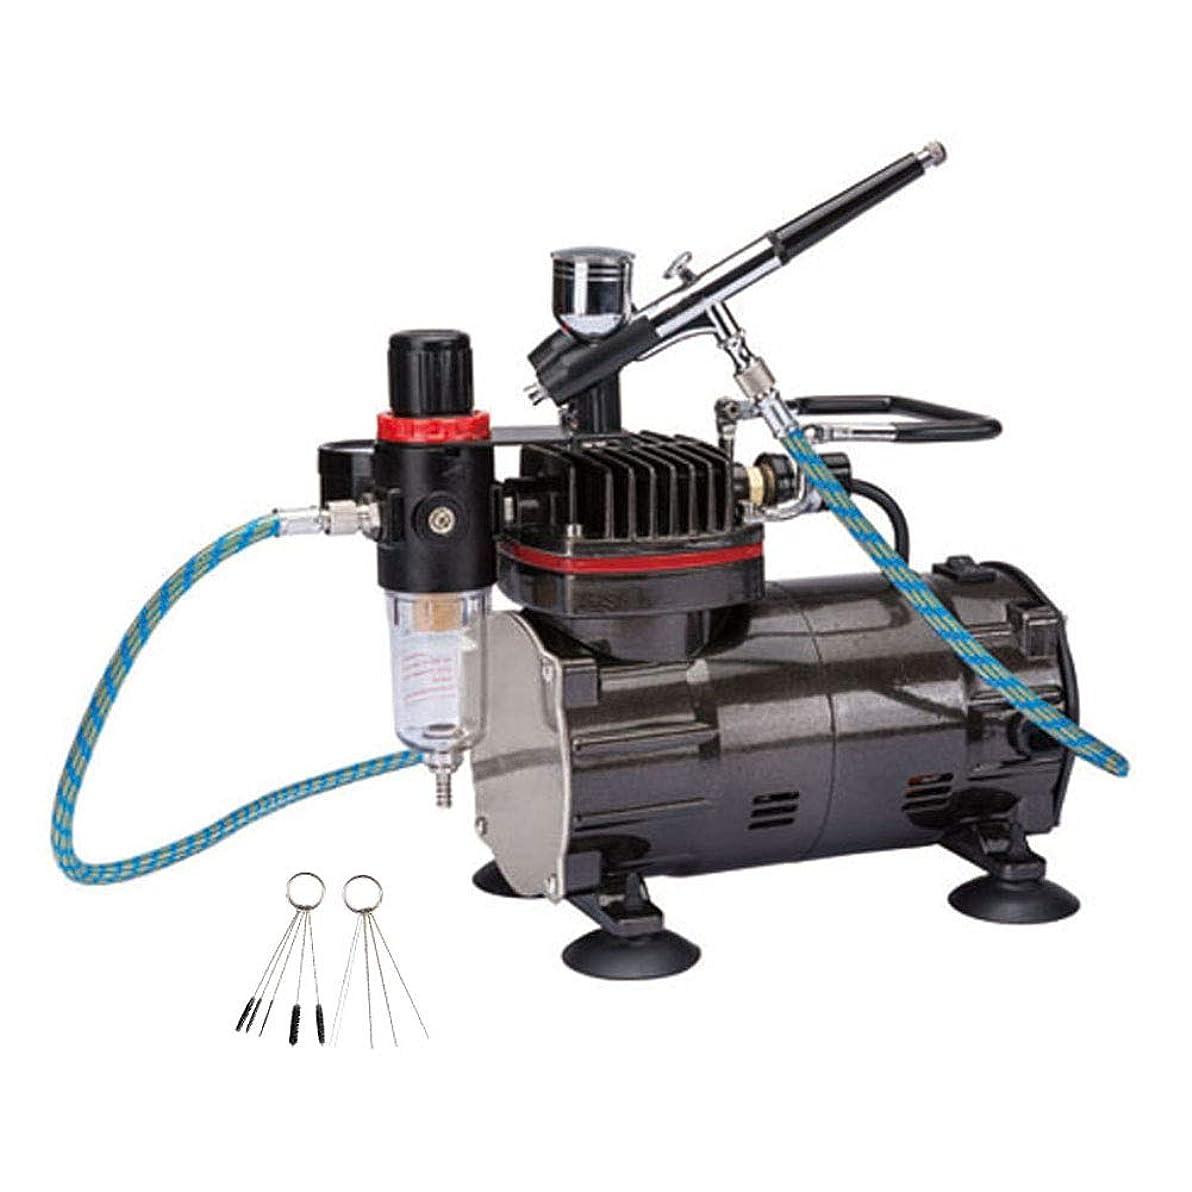 修理工メインしみGSIクレオス Mr.リニアコンプレッサー L5/レギュレーターセット PS310